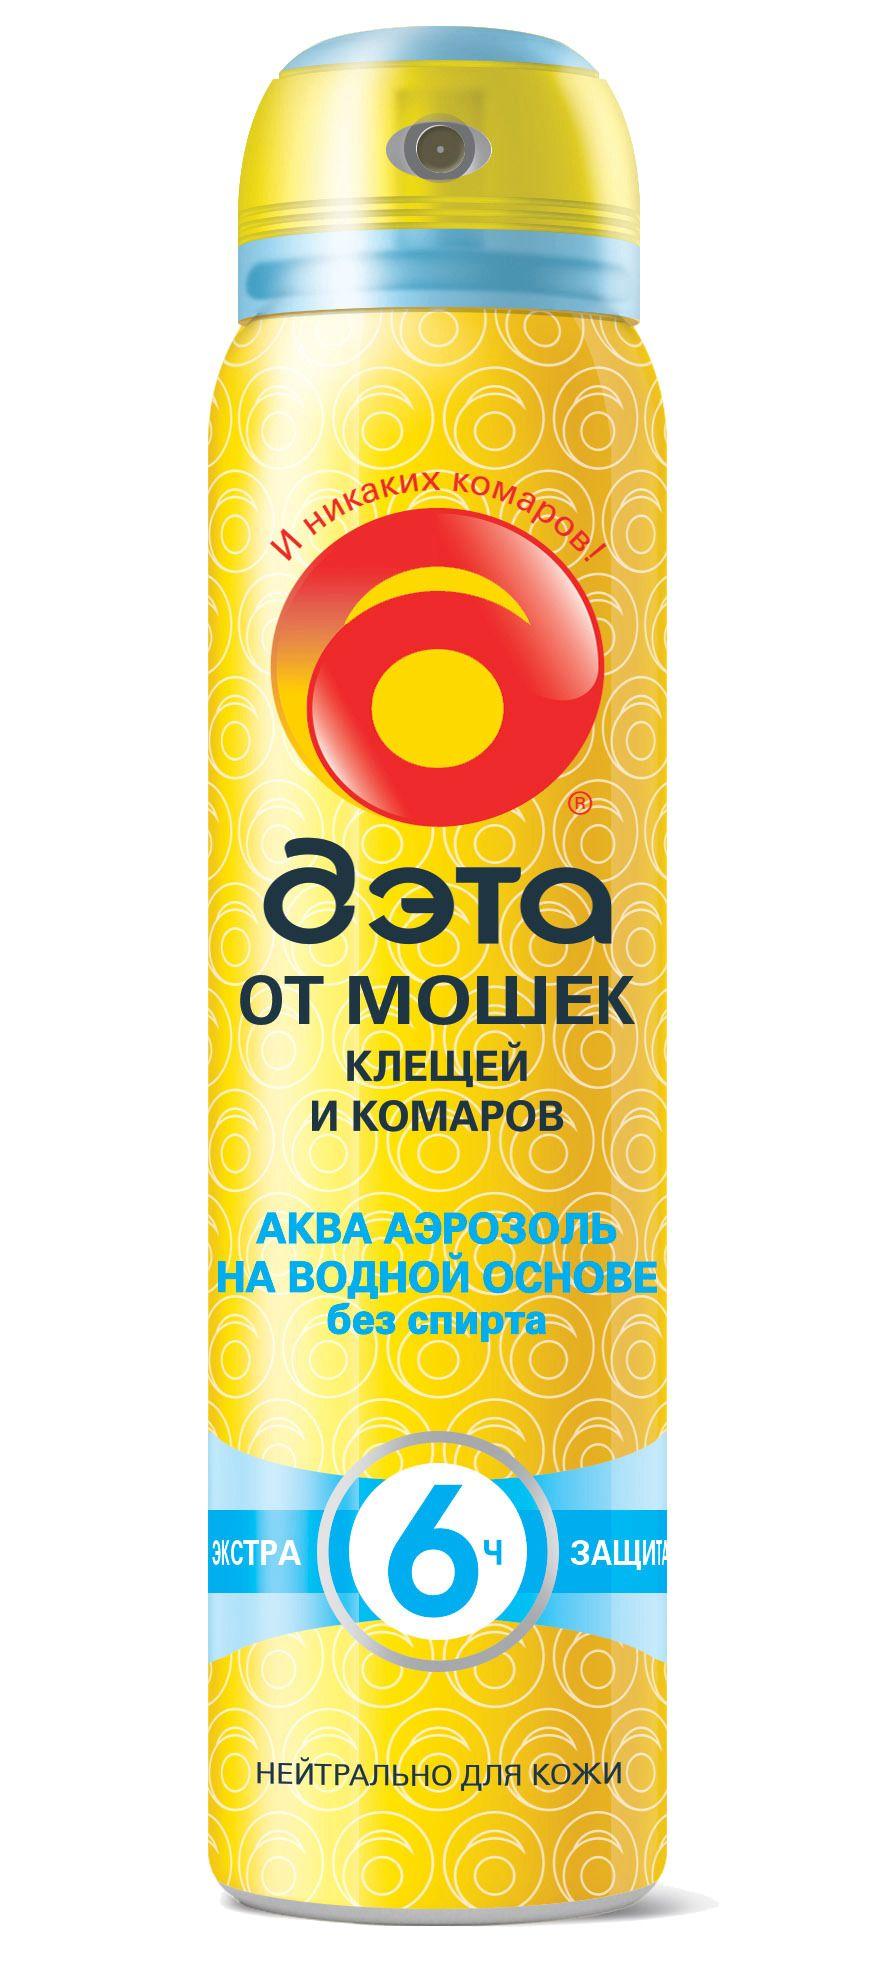 фото упаковки Дэта аква аэрозоль от мошек, клещей и комаров